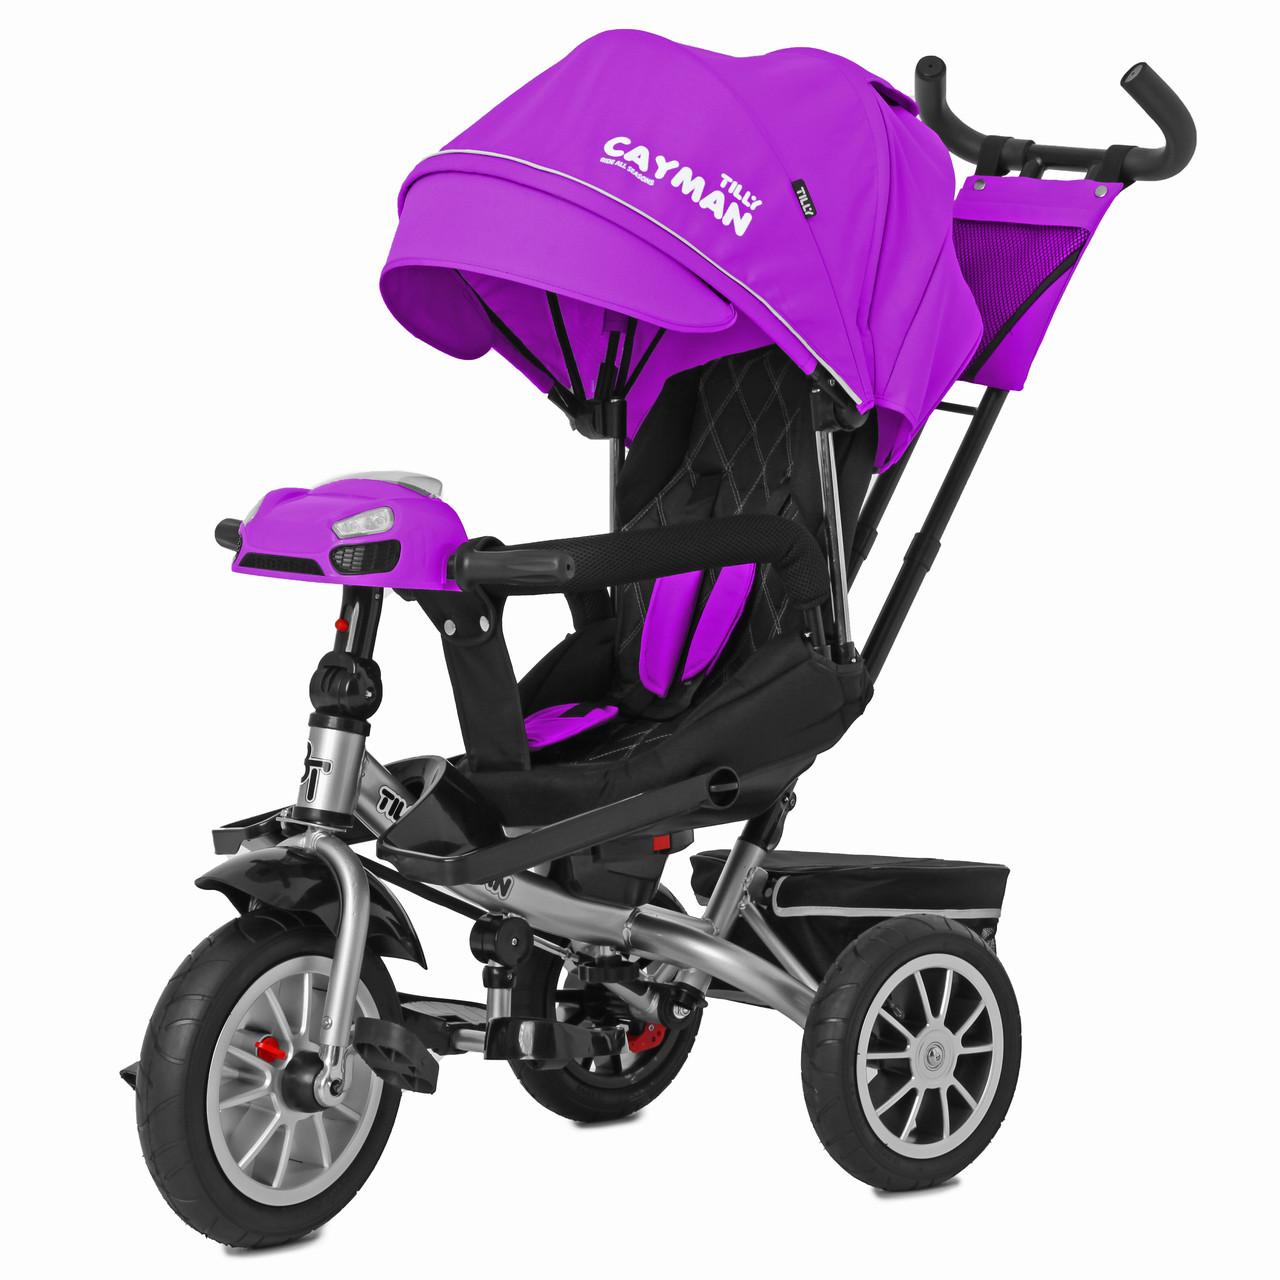 Детский трёхколёсный велосипед Cayman, «Tilly» (T-381/3), цвет Purple (фиолетовый)